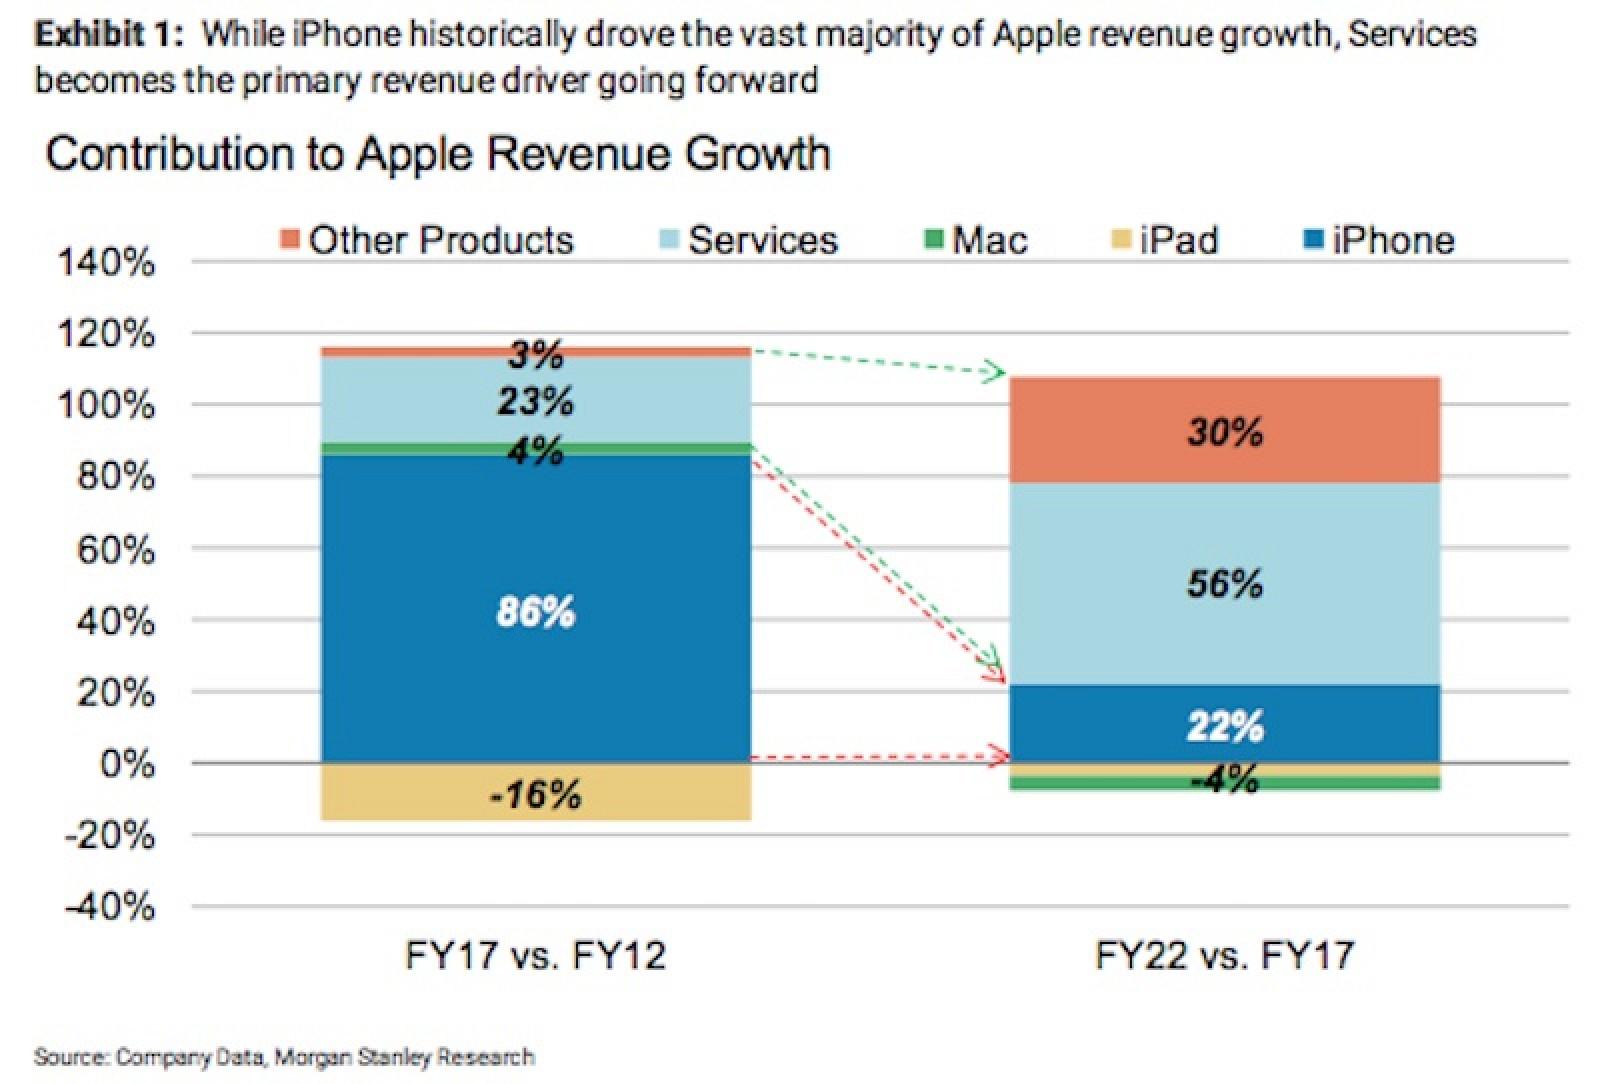 Apple U0026 39 S Services Category Set To Be The Company U0026 39 S Main